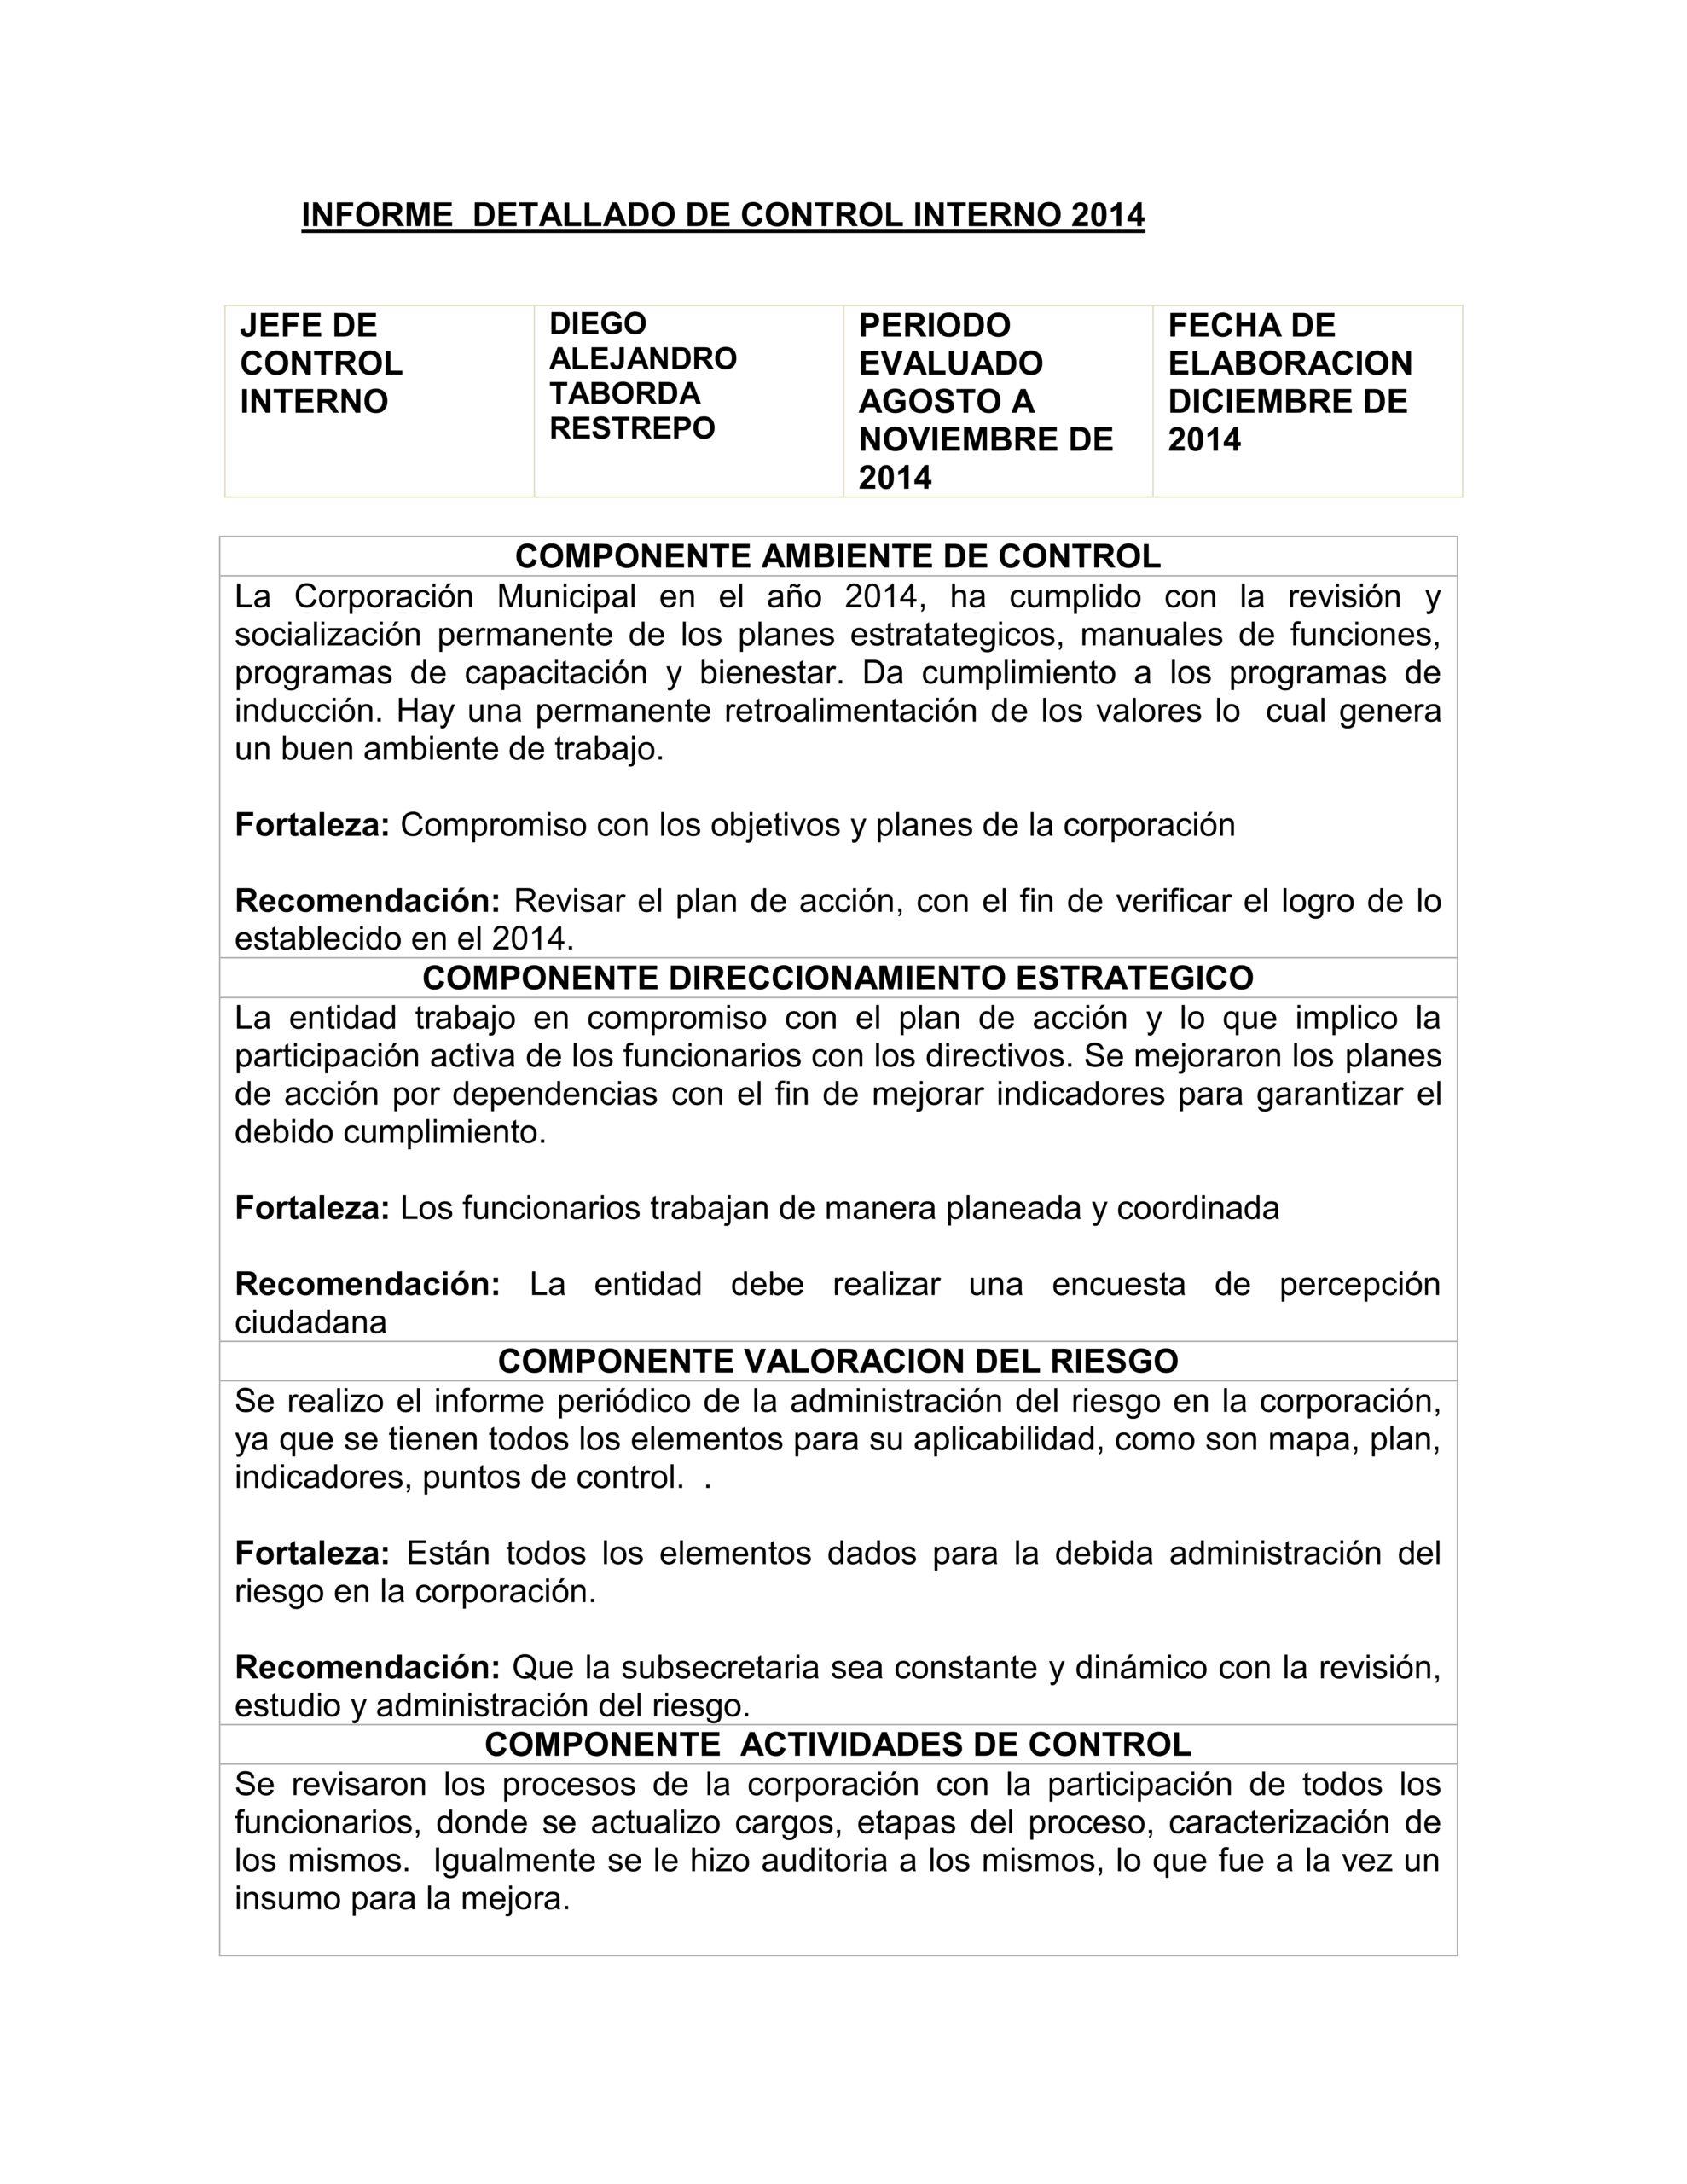 https://concejodeitagui.gov.co/wp-content/uploads/2020/11/2014_tercerinforme1-scaled.jpg